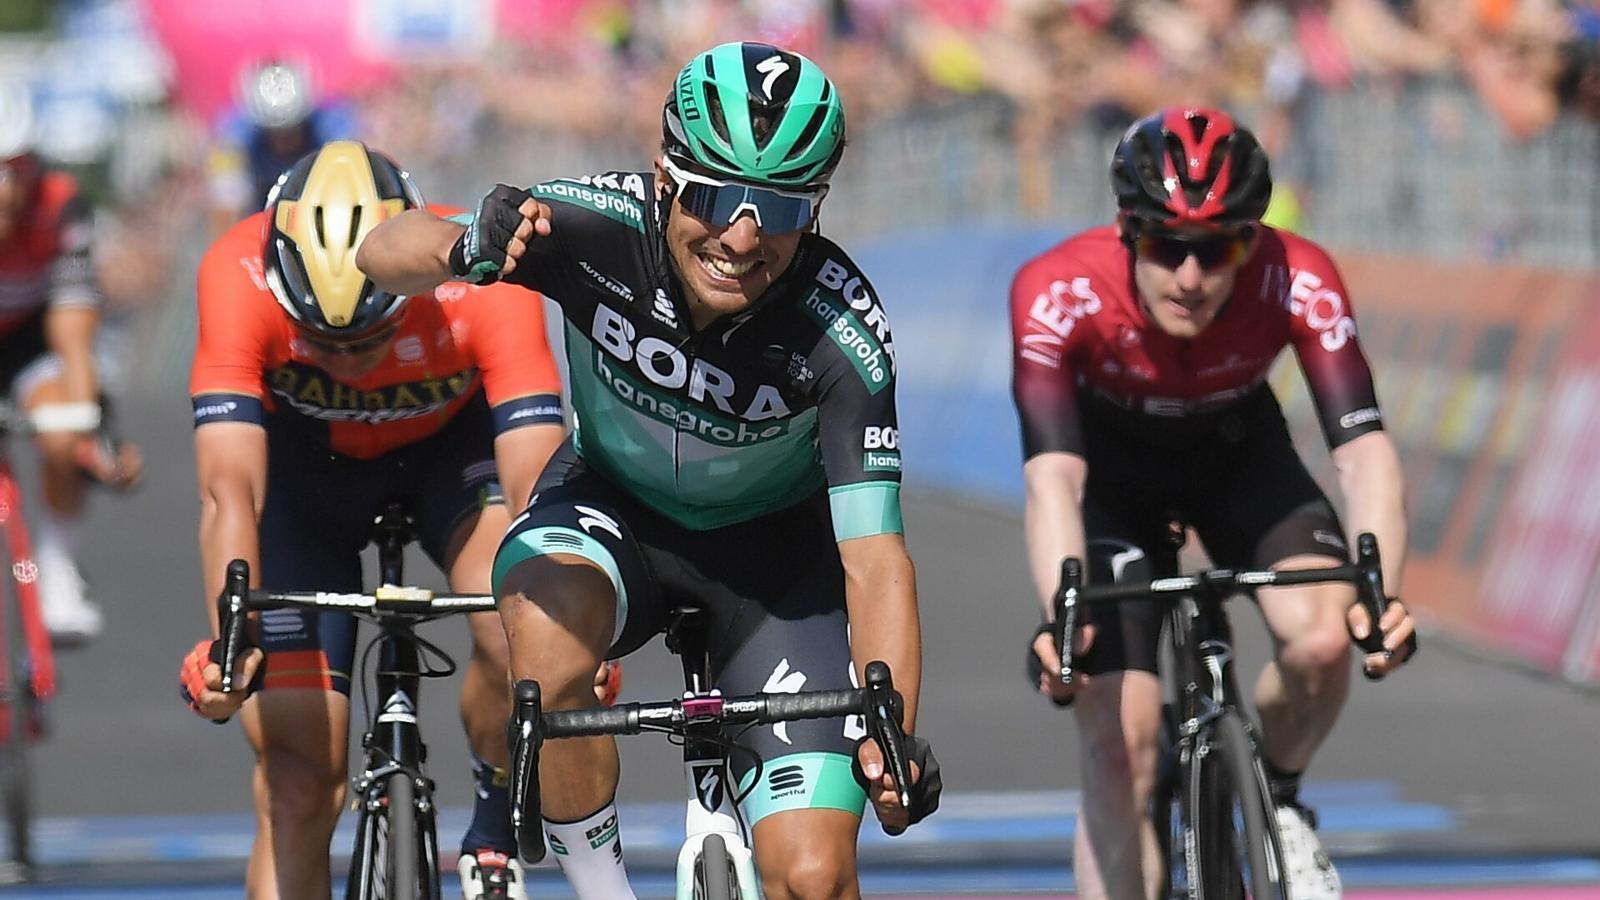 Benedetti guanya i Polanc és el nou líder del Giro